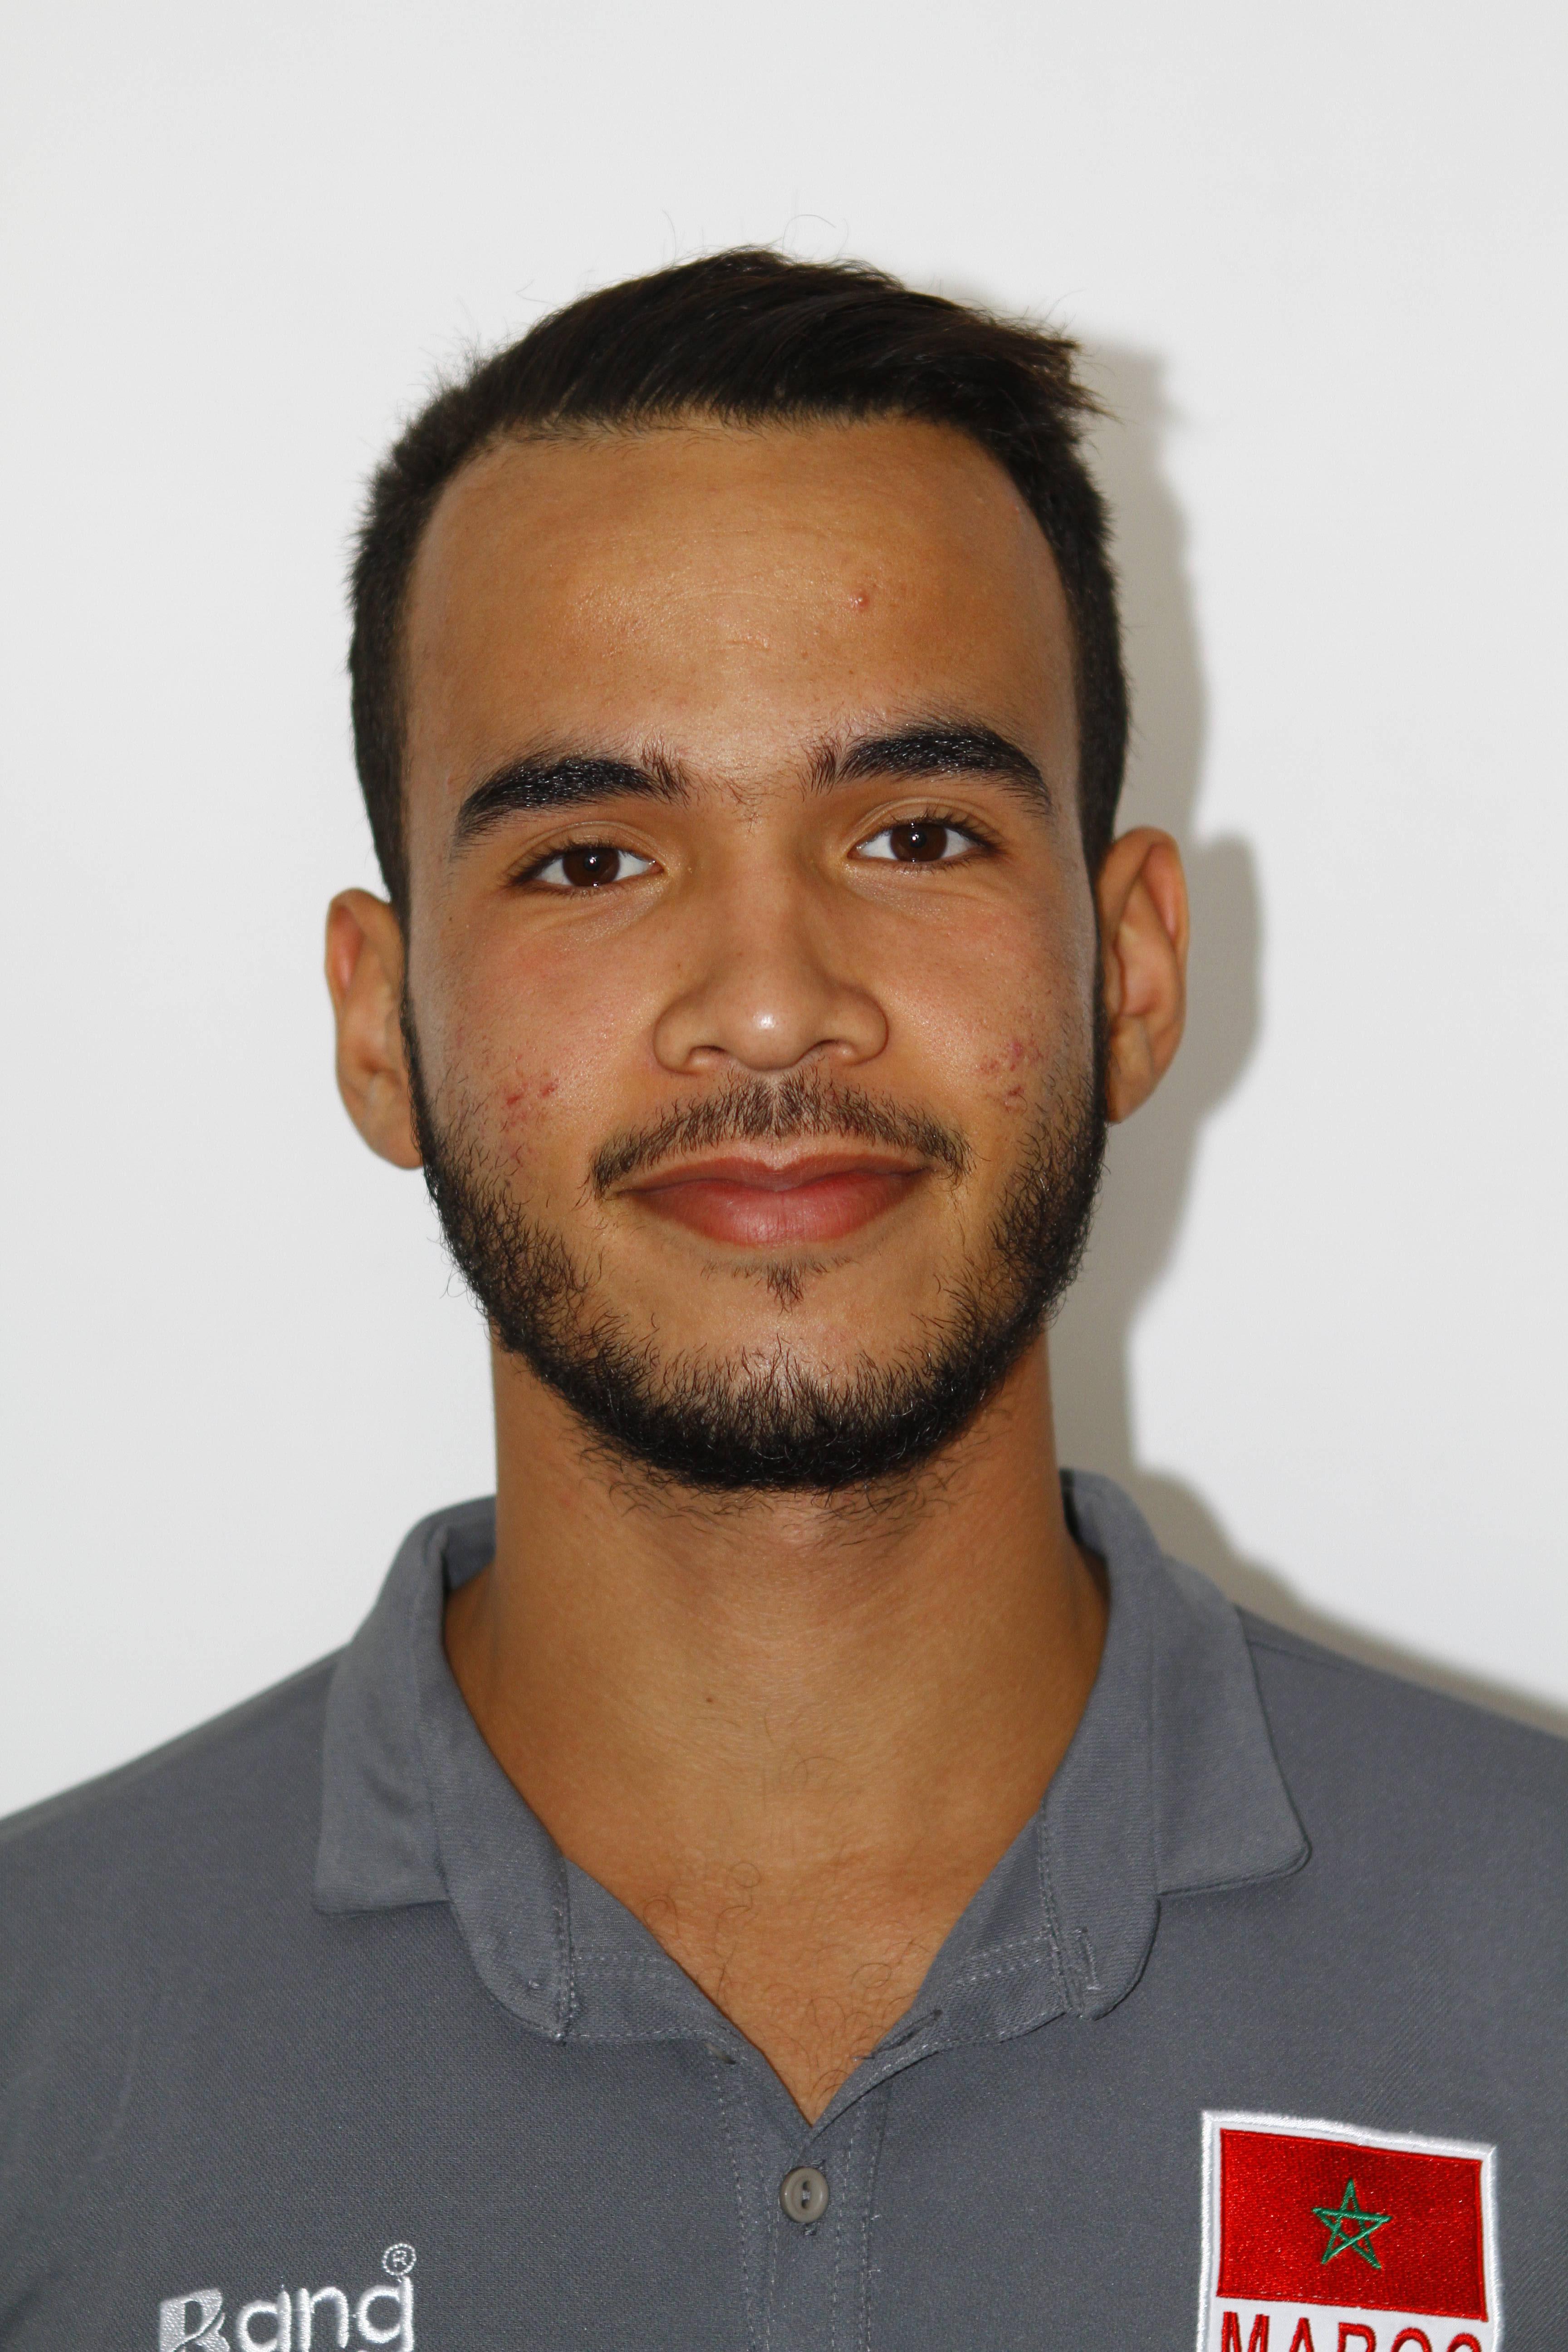 Karim Lamri